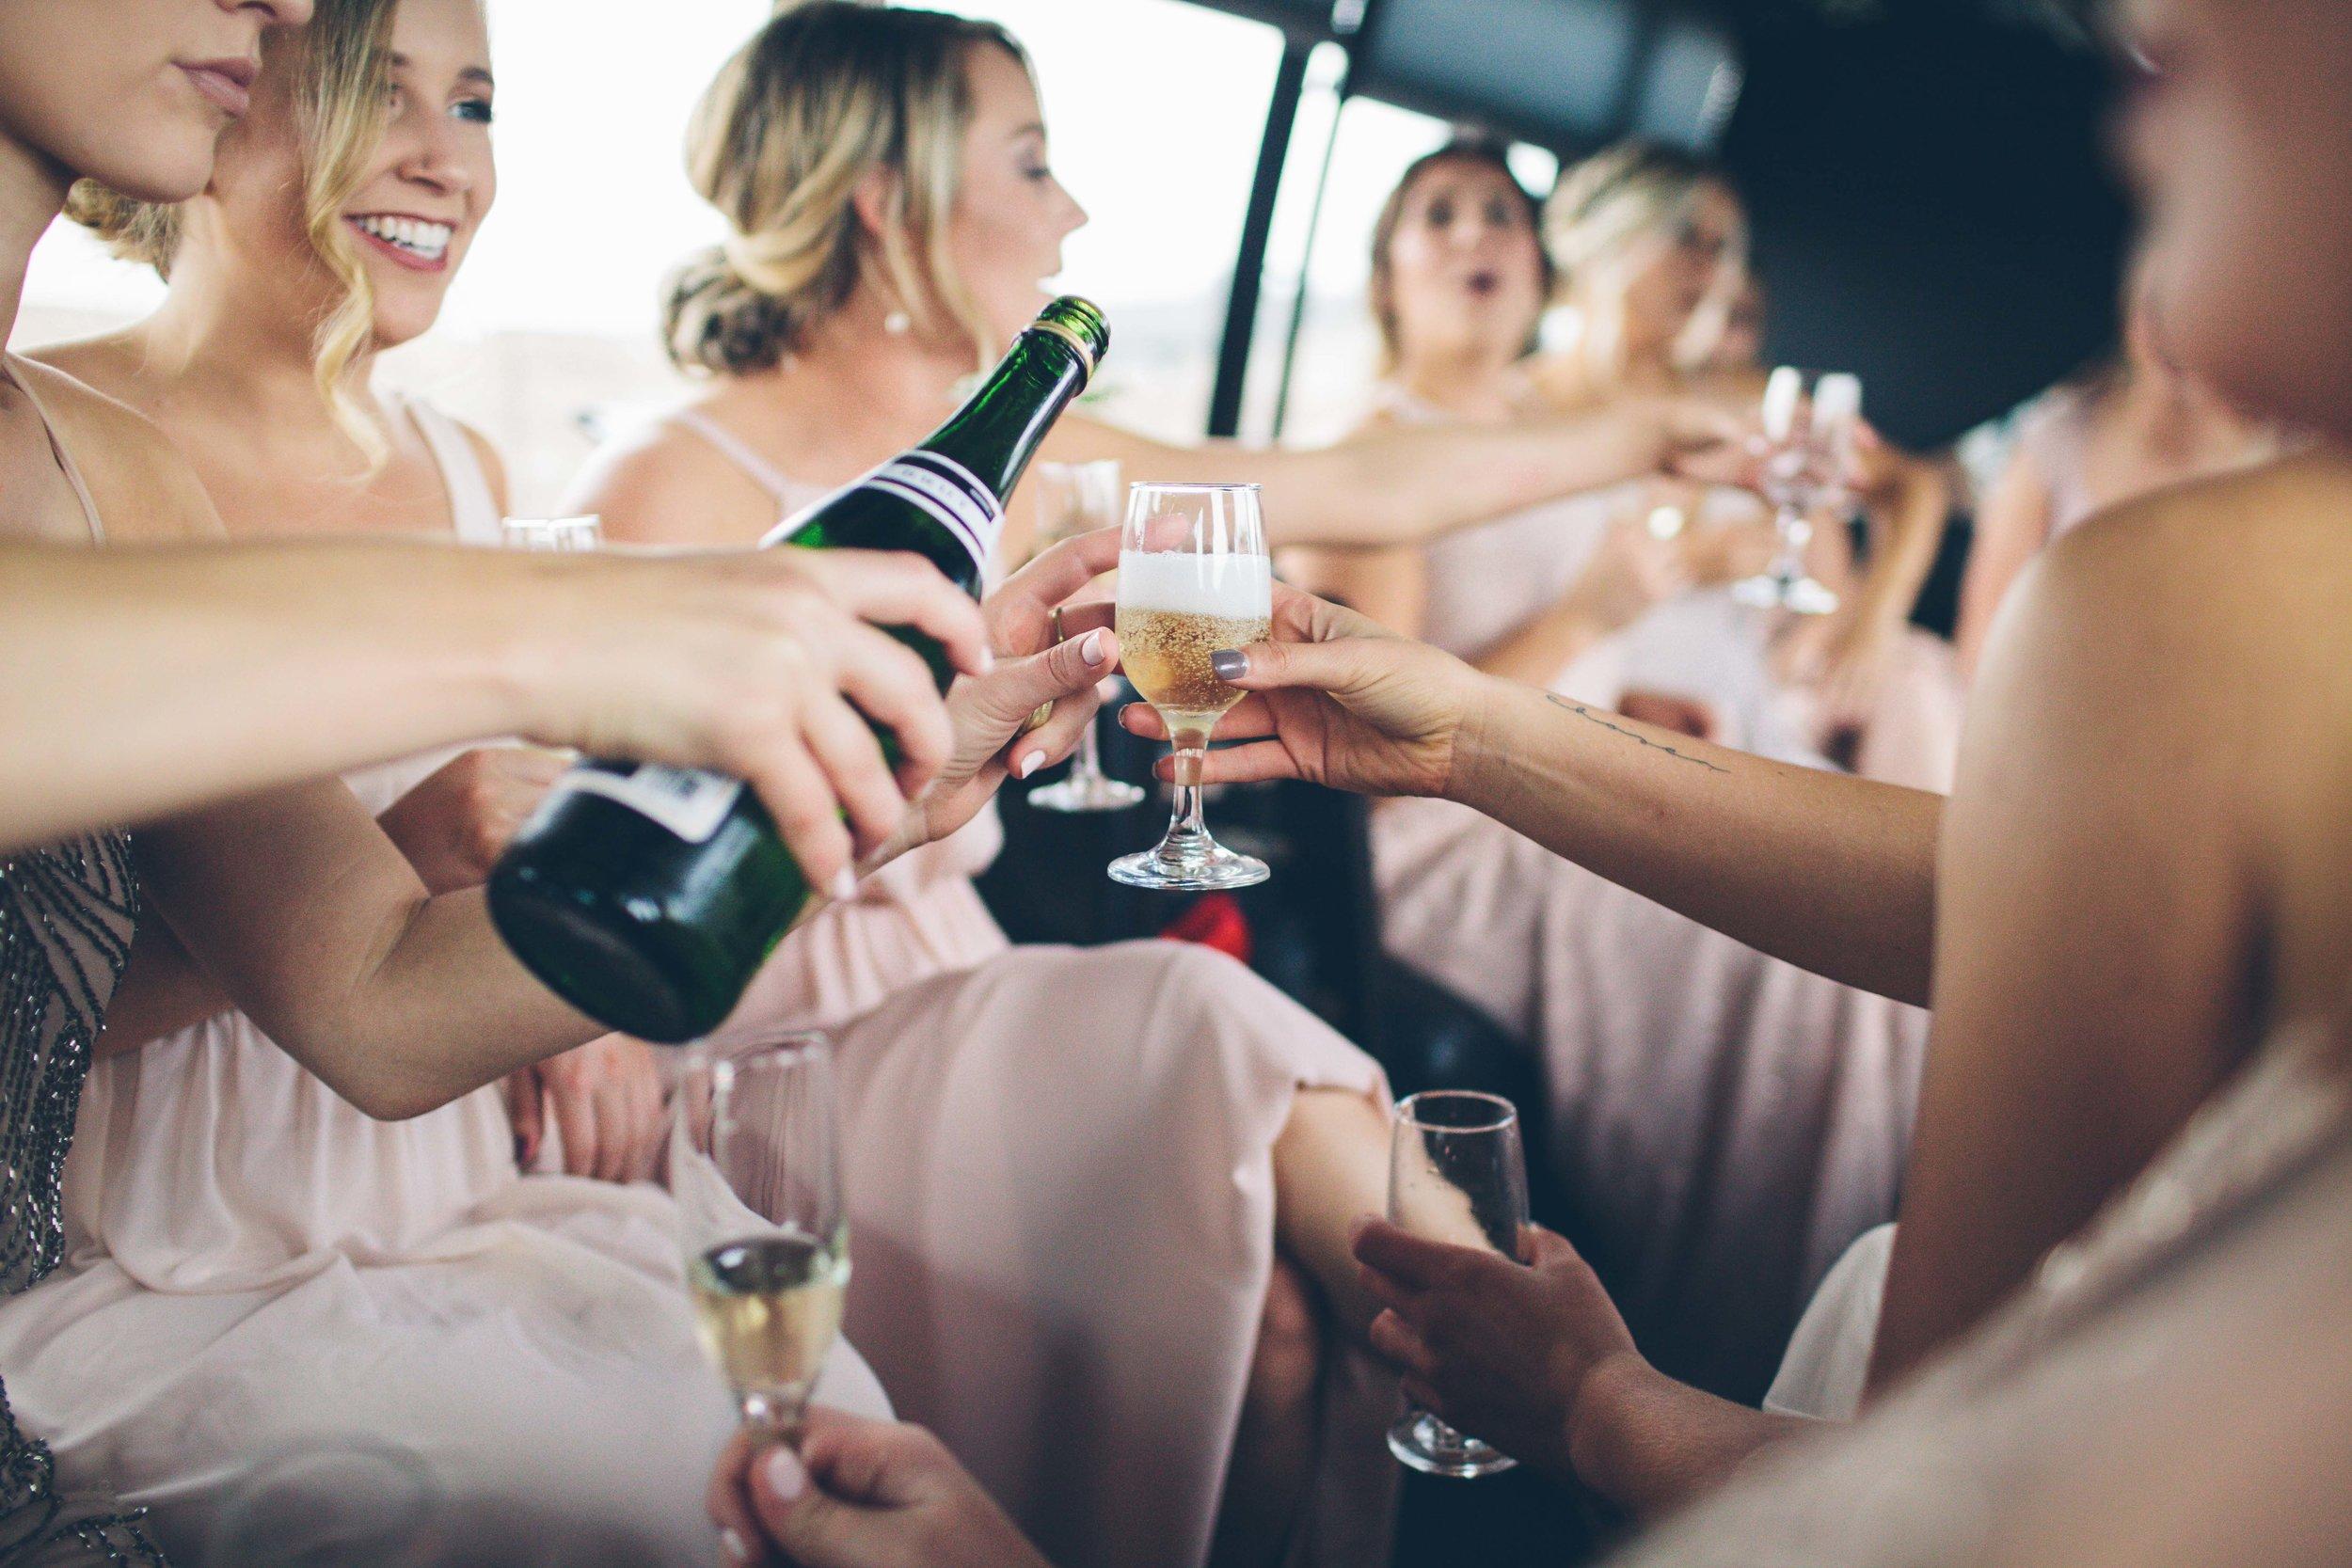 bridesmaids in the limo spokane bride